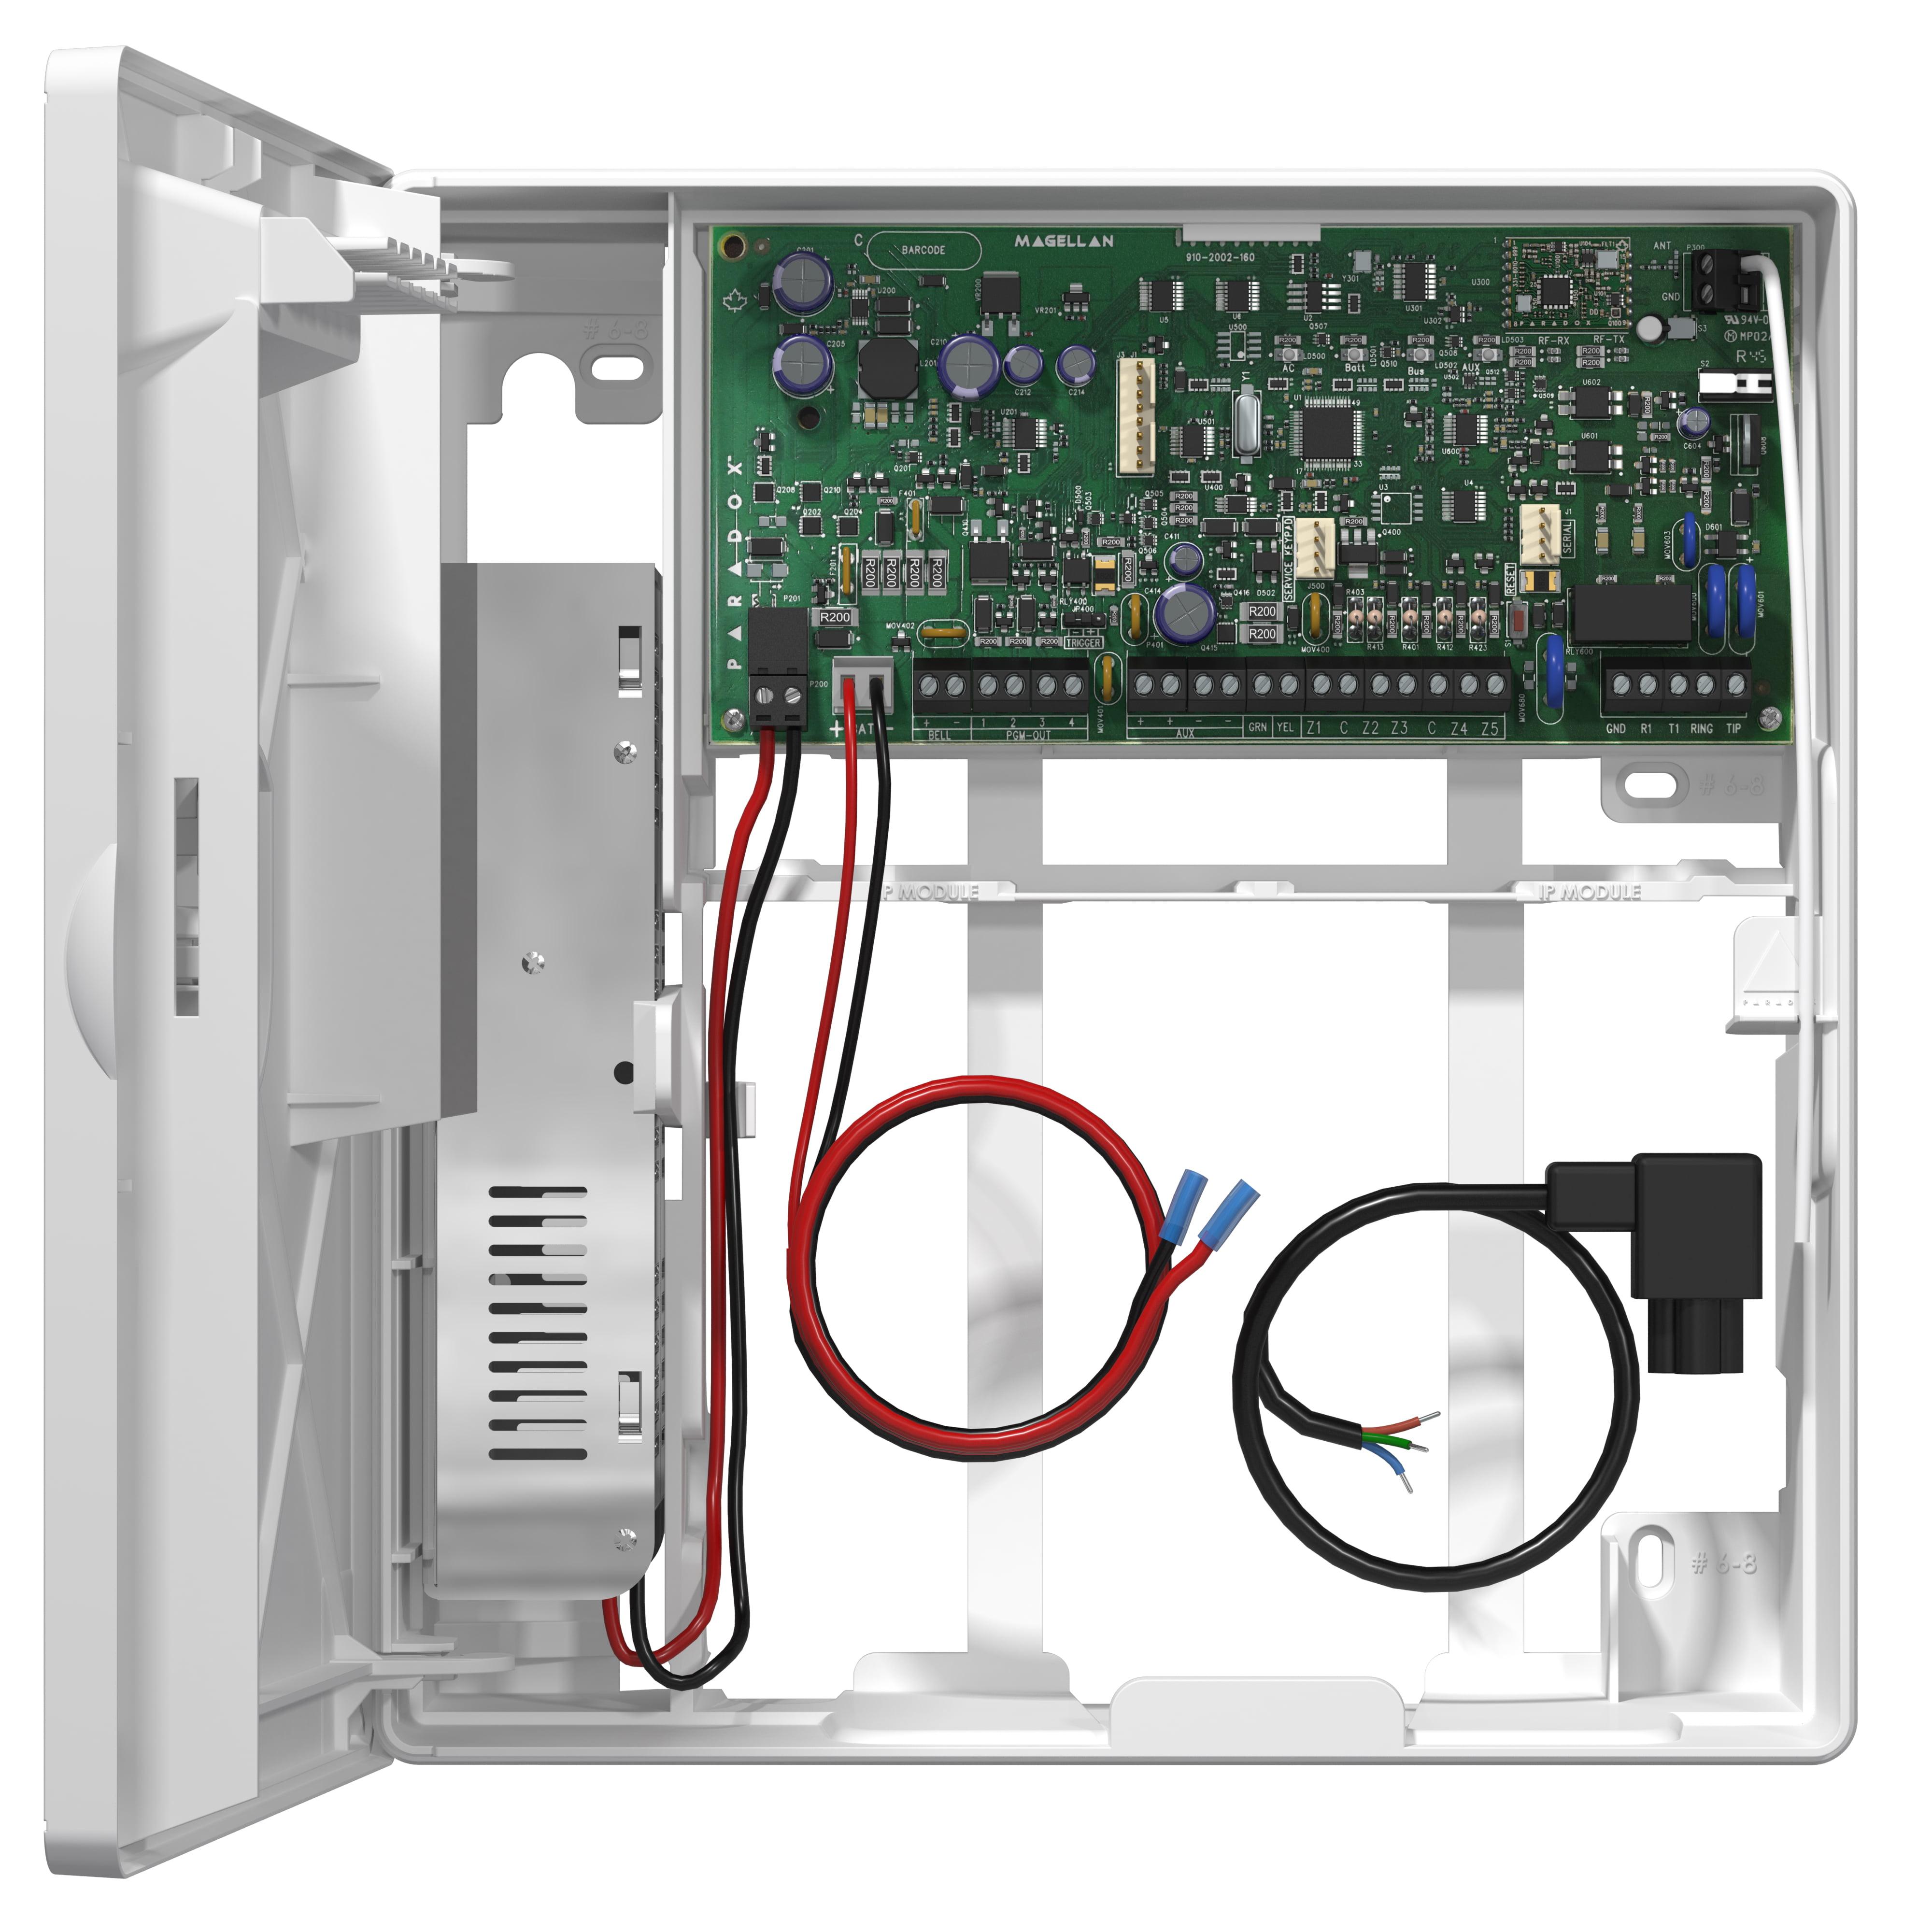 Sistem alarmă fără fir cu 2 senzor de mișcare wireless, modul GSM internet, sirenă radio, tastatură LCD radio, telecomandă, compatibil firmă pază PA-O5-W2